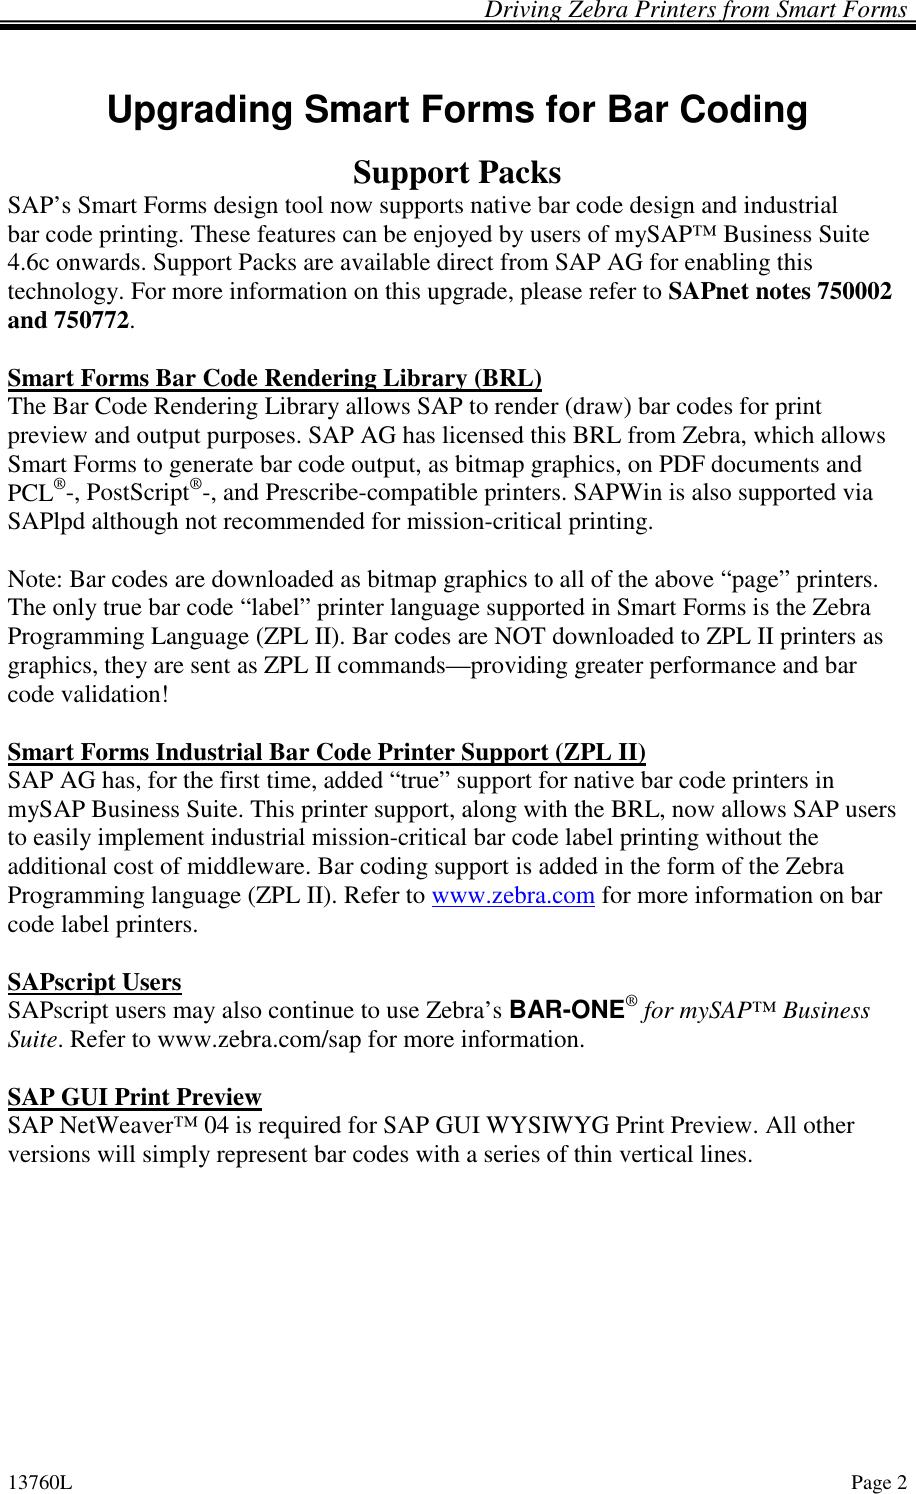 Zebra Zpl Support